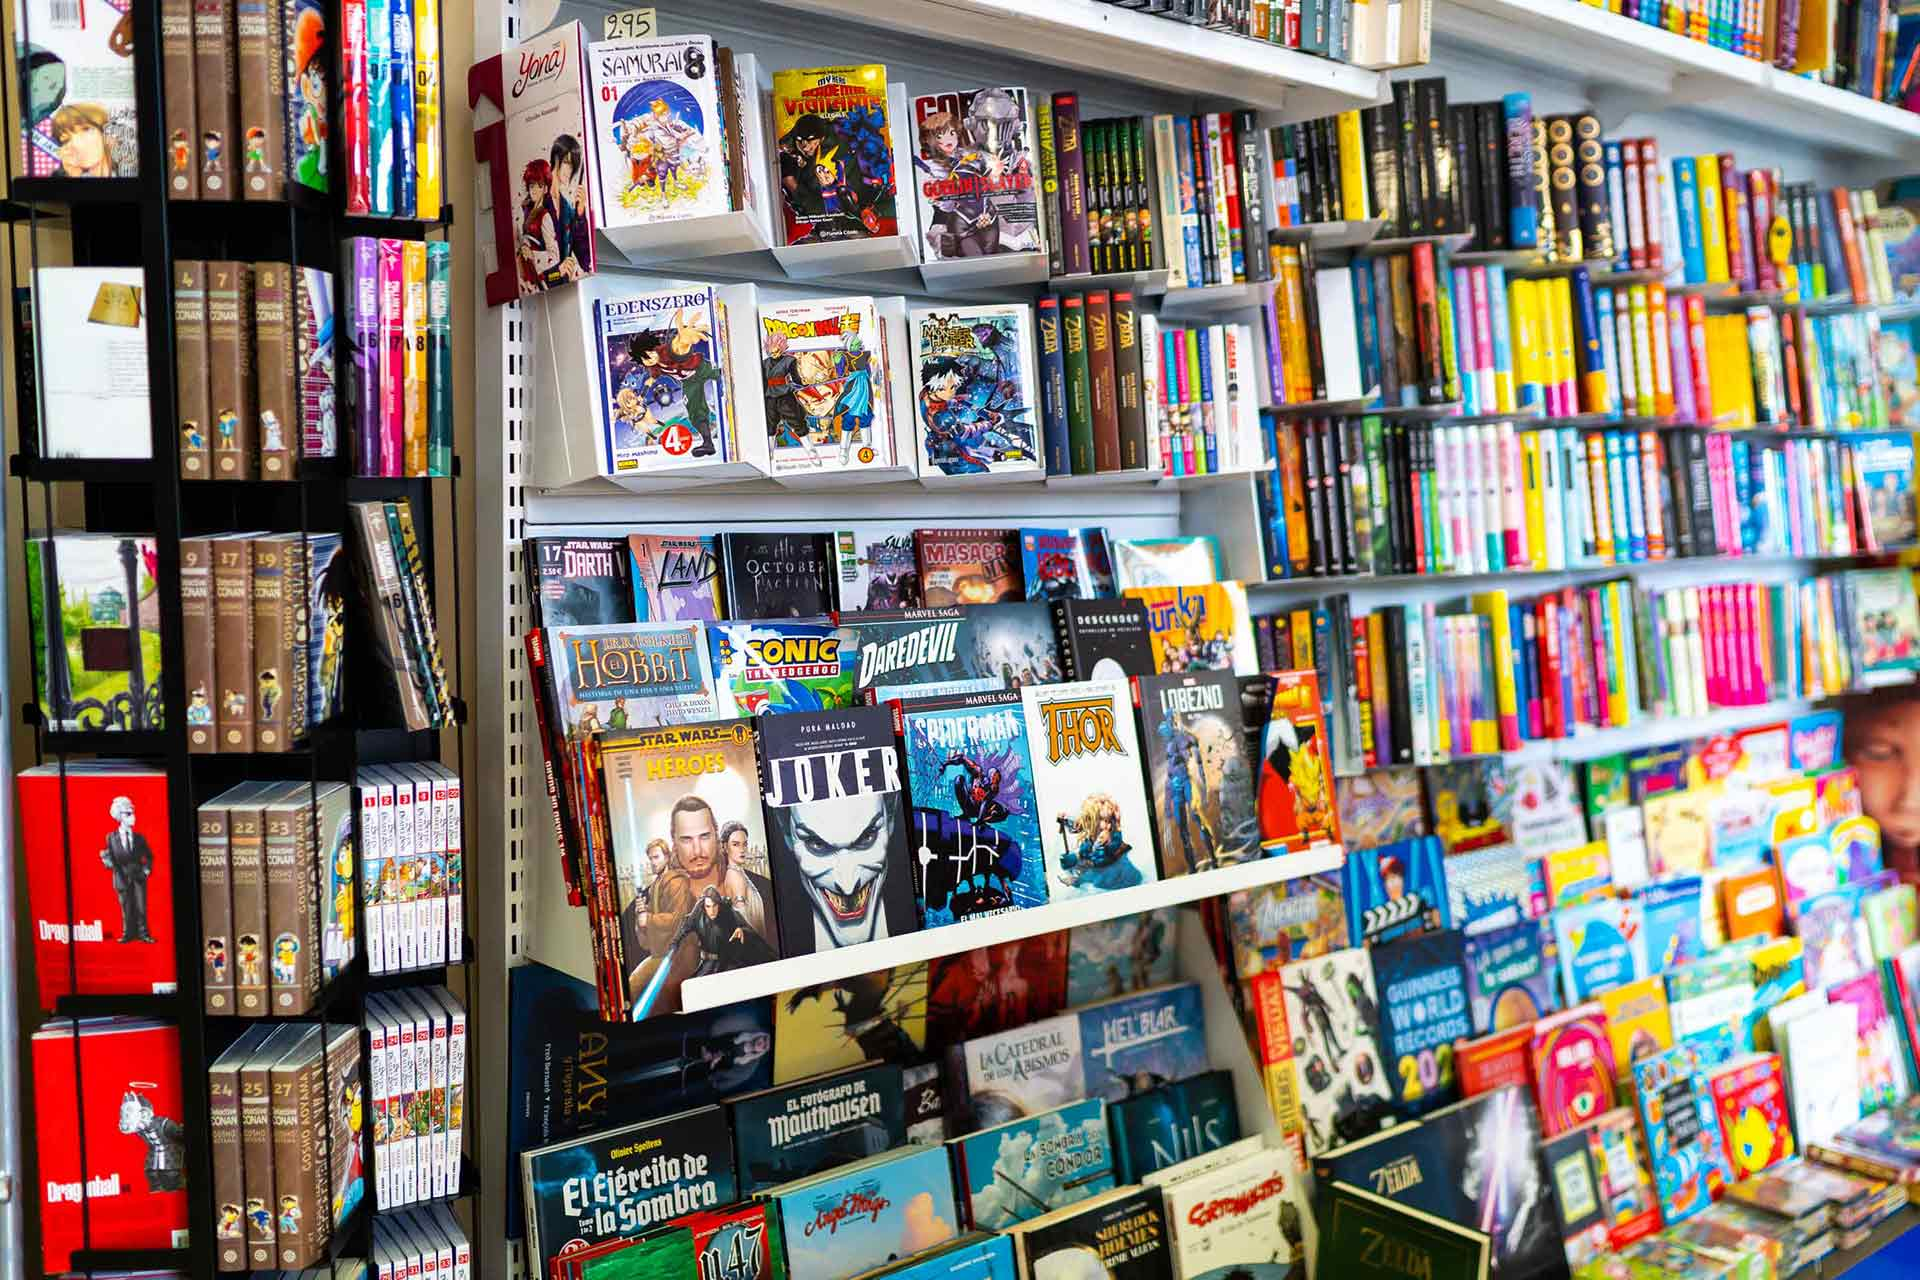 Especialziados en comics, autores europeos, marvel, DC y manga.